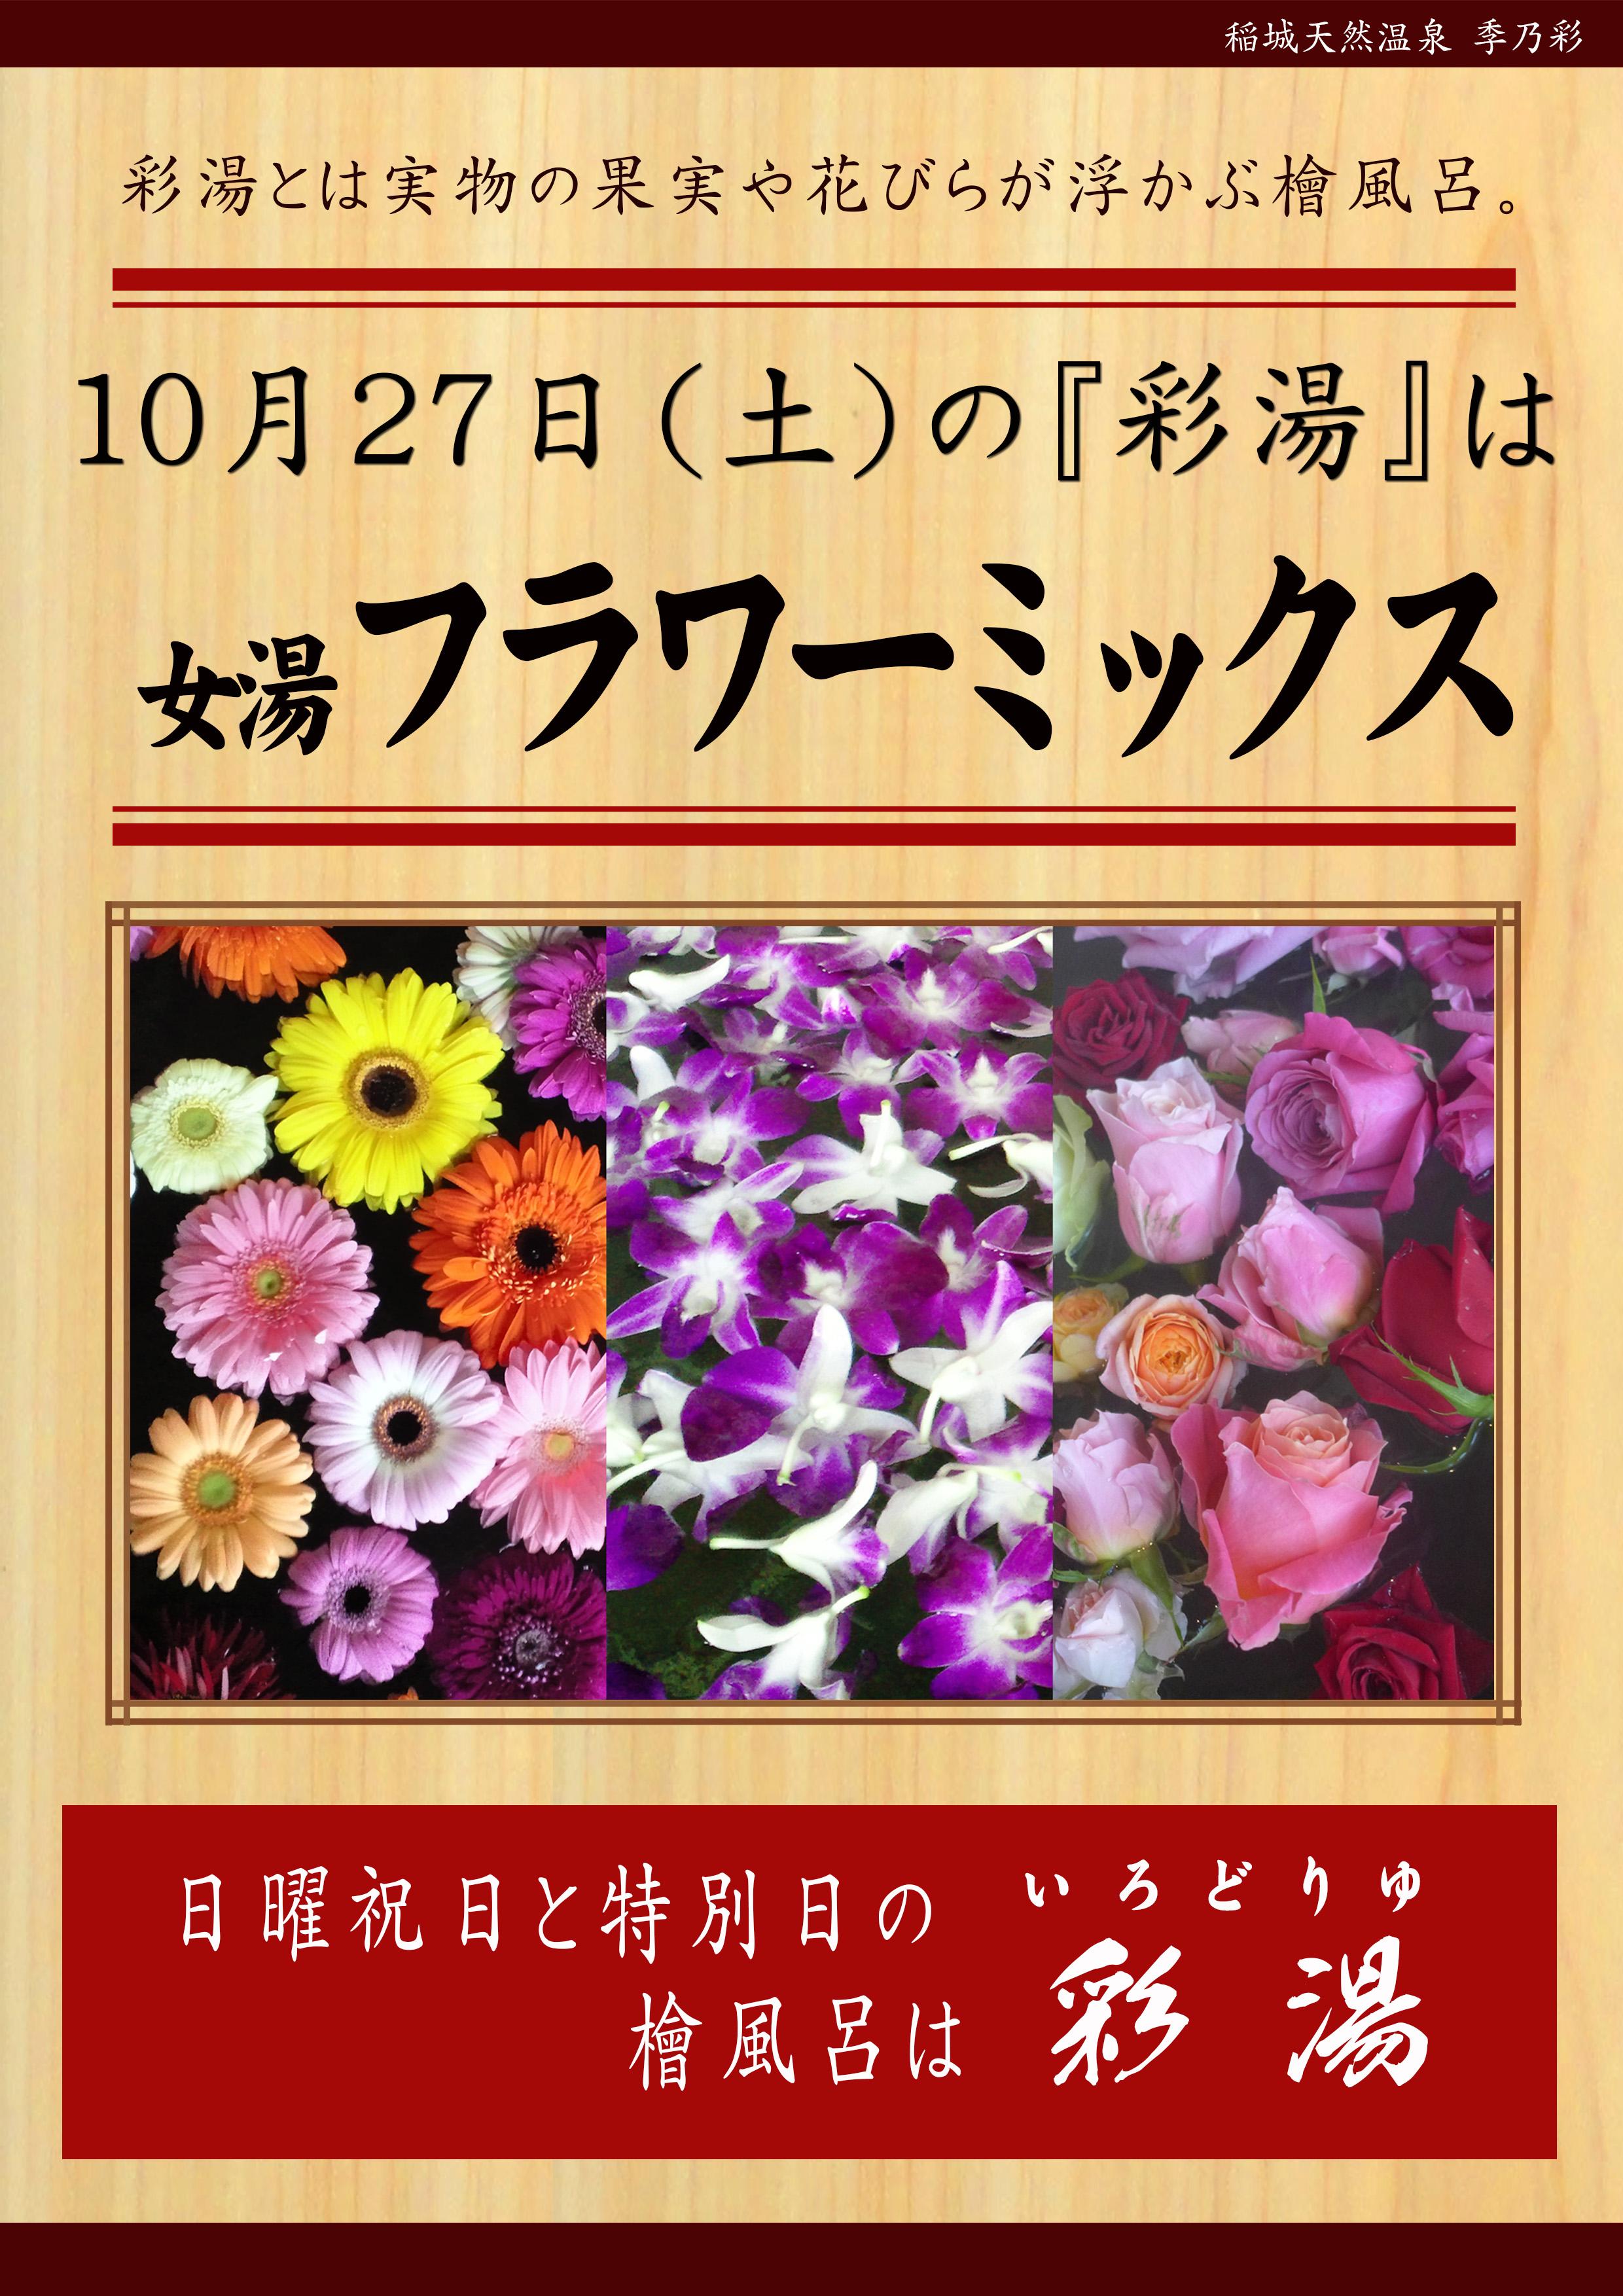 20181027POP イベント 彩湯 フラワーミックス3種